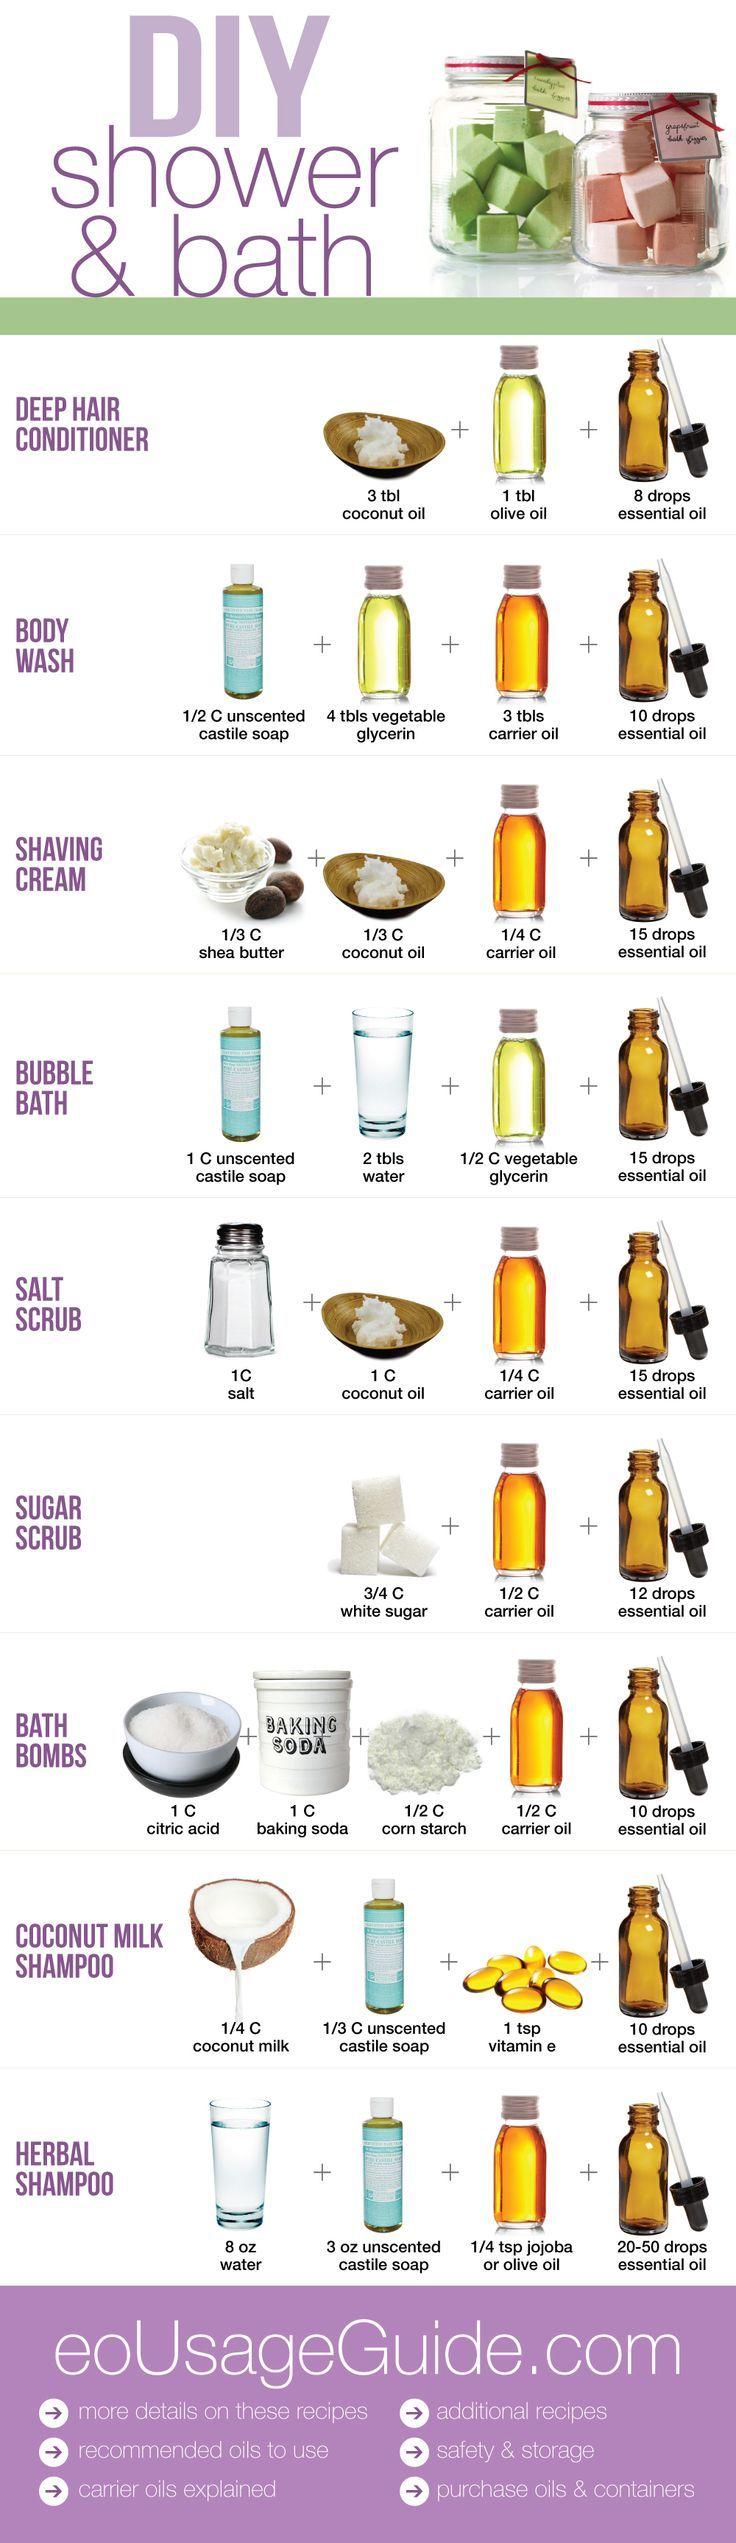 DIY spa infographic for Dry Skin - bath bombs, salt scrub, sugar scrub, body wash http://bit.ly/1A65NJf